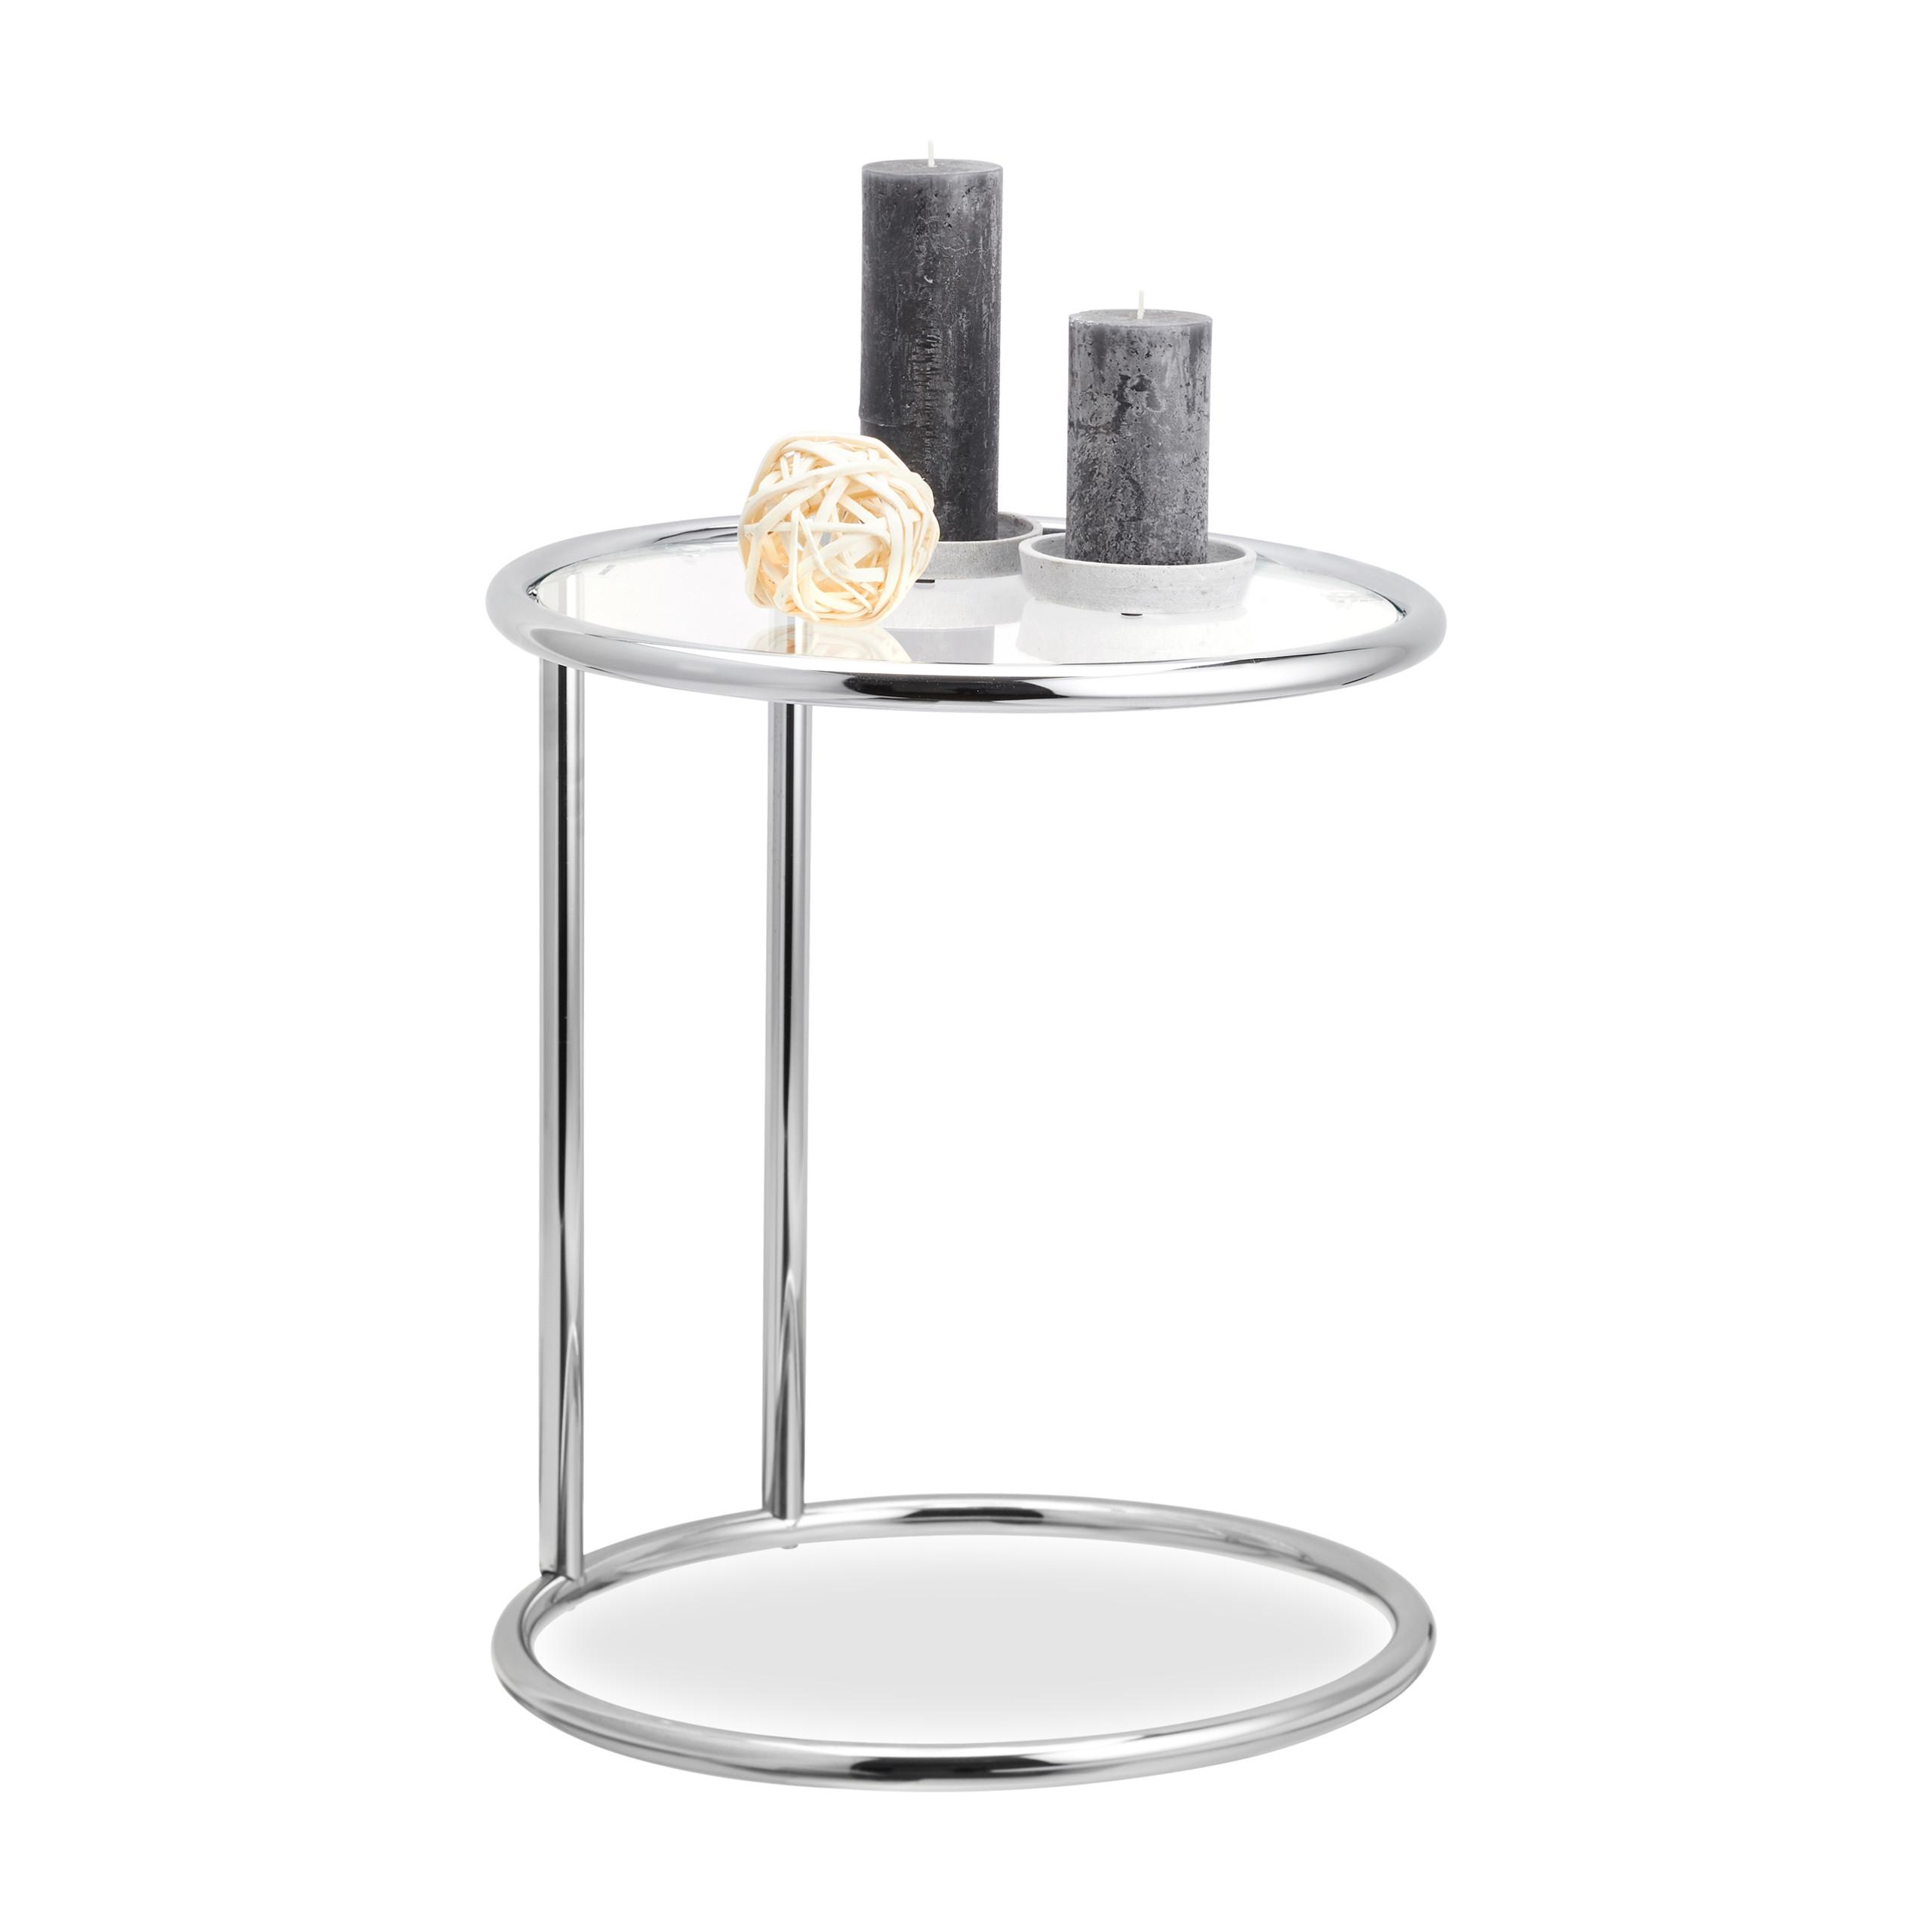 Tavolino Rotondo da Salotto, Sofà, Telefono Metallo Tavolo Design | eBay